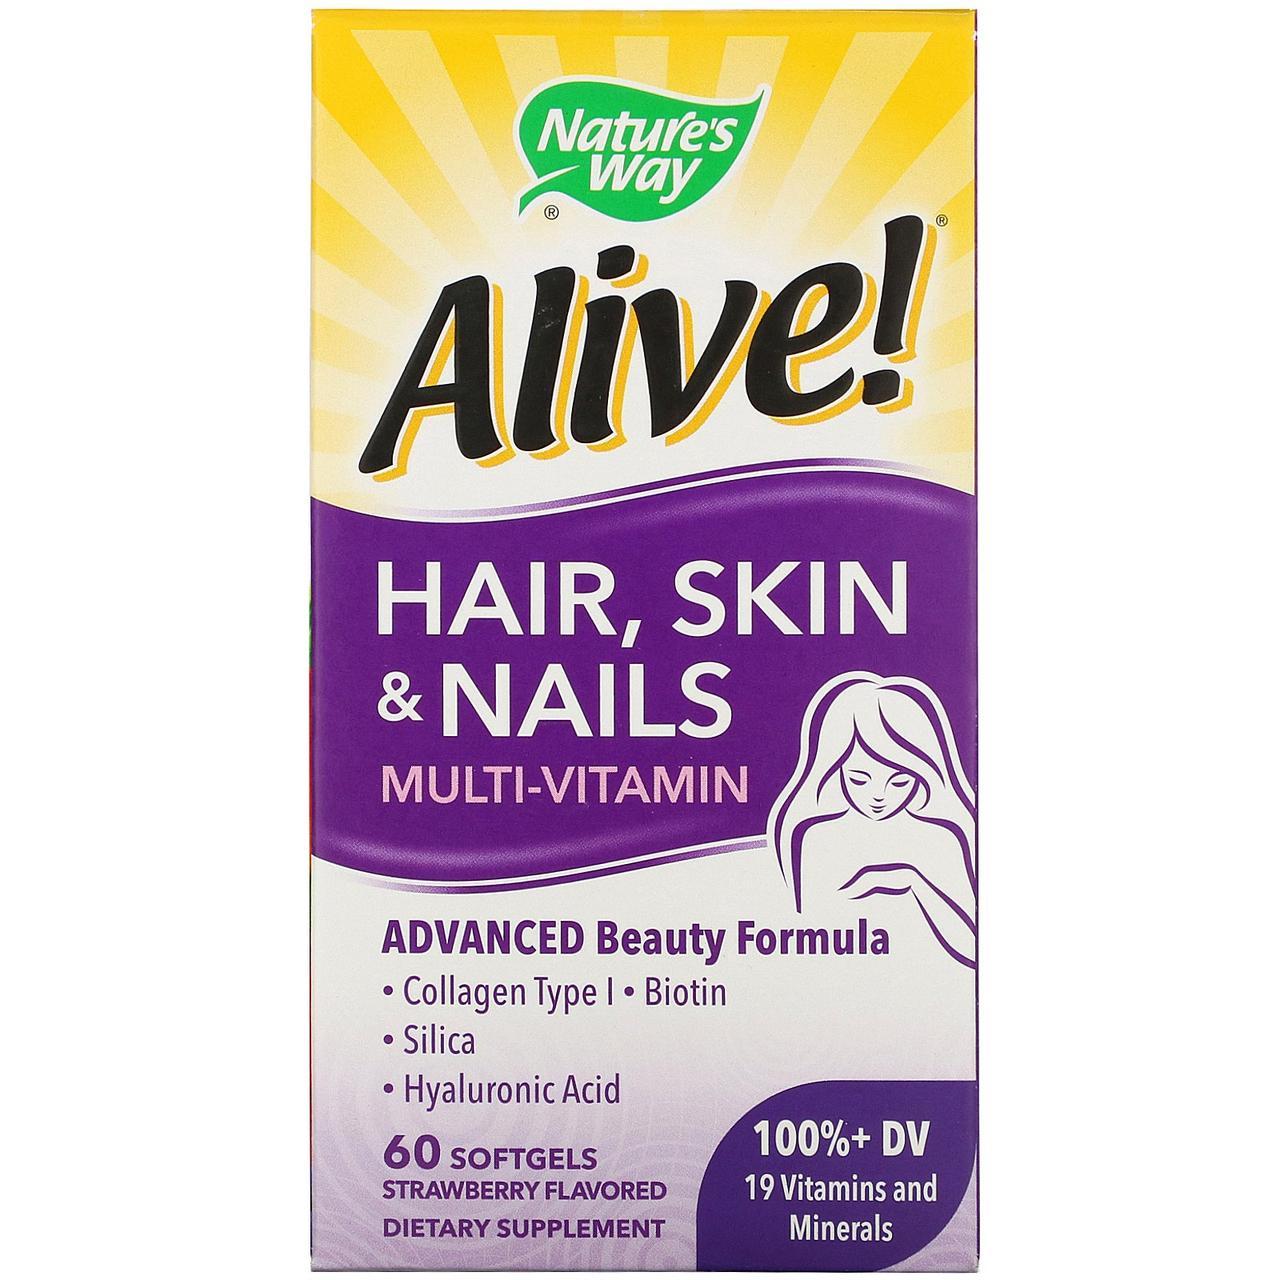 Мультивитамины Nature's Way для волос, кожи и ногтей, со вкусом клубники, 60 мягких таблеток